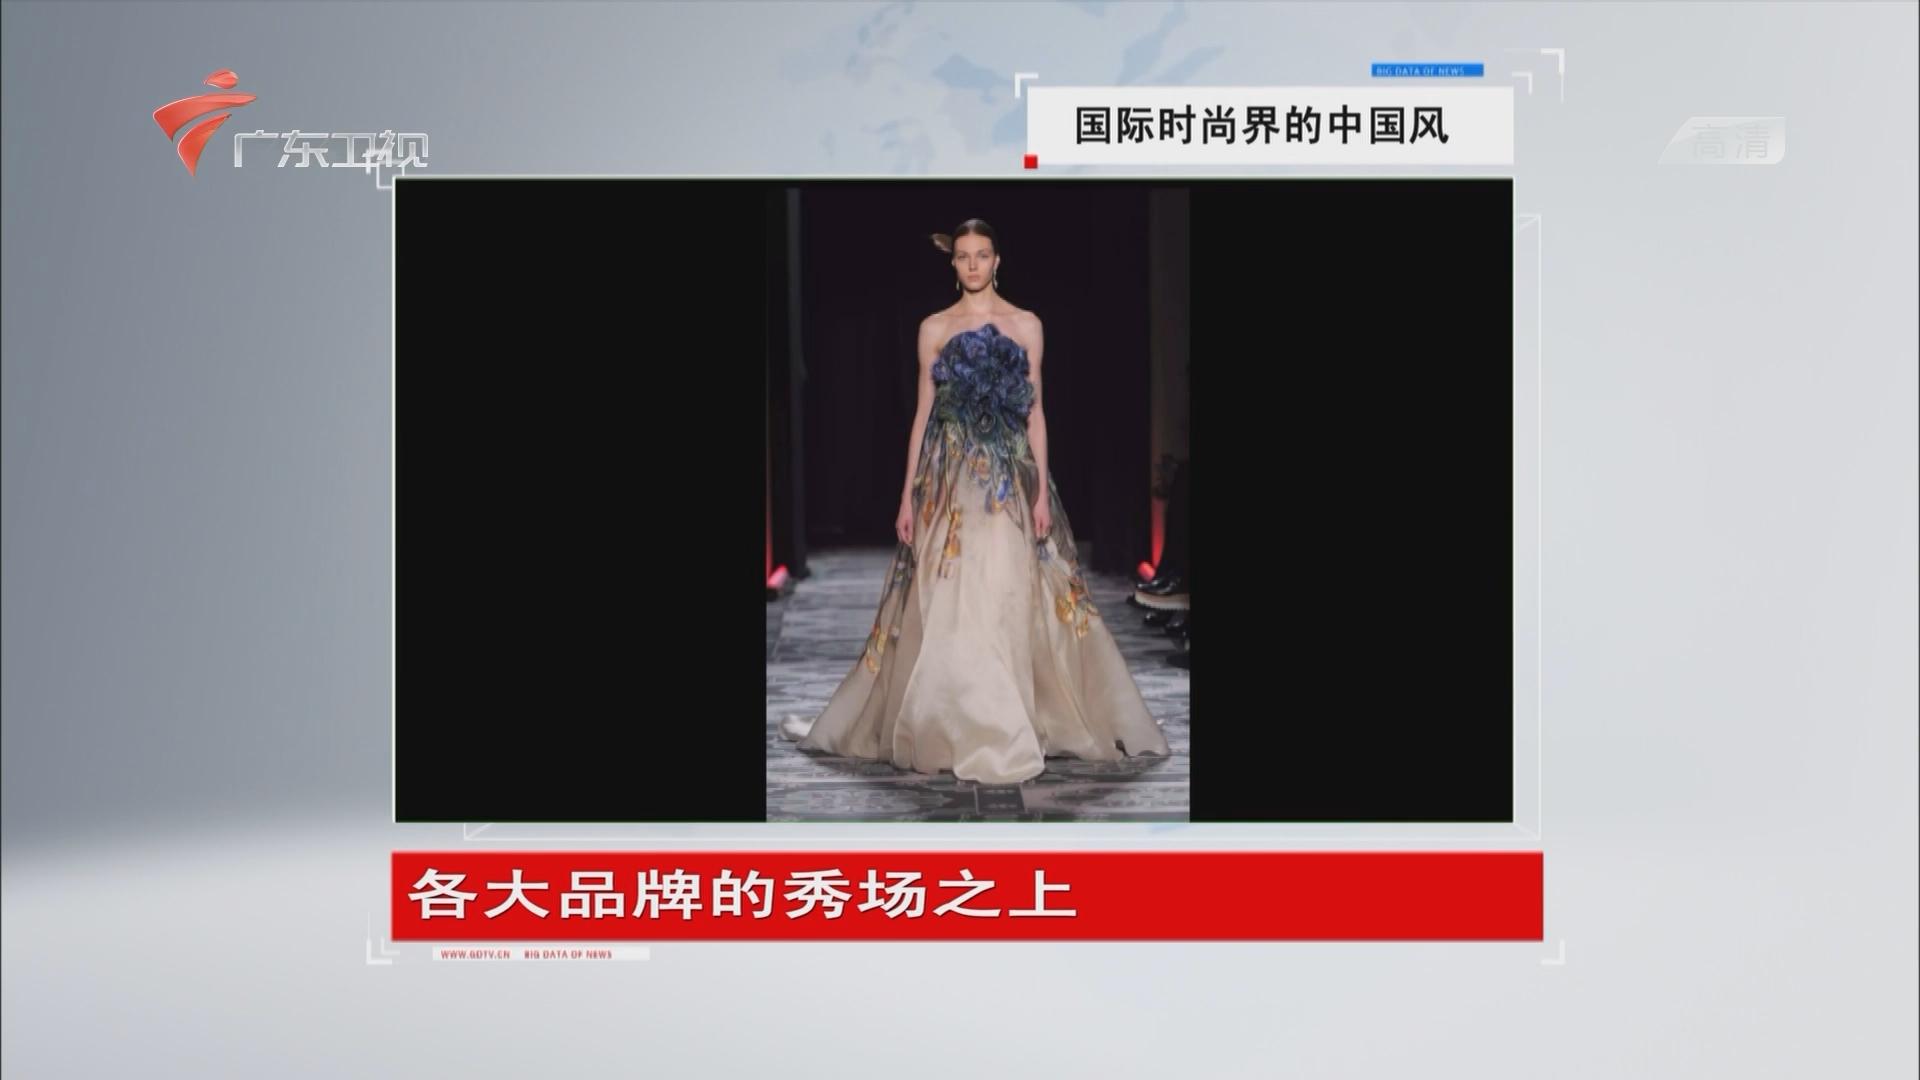 中国的时尚变迁